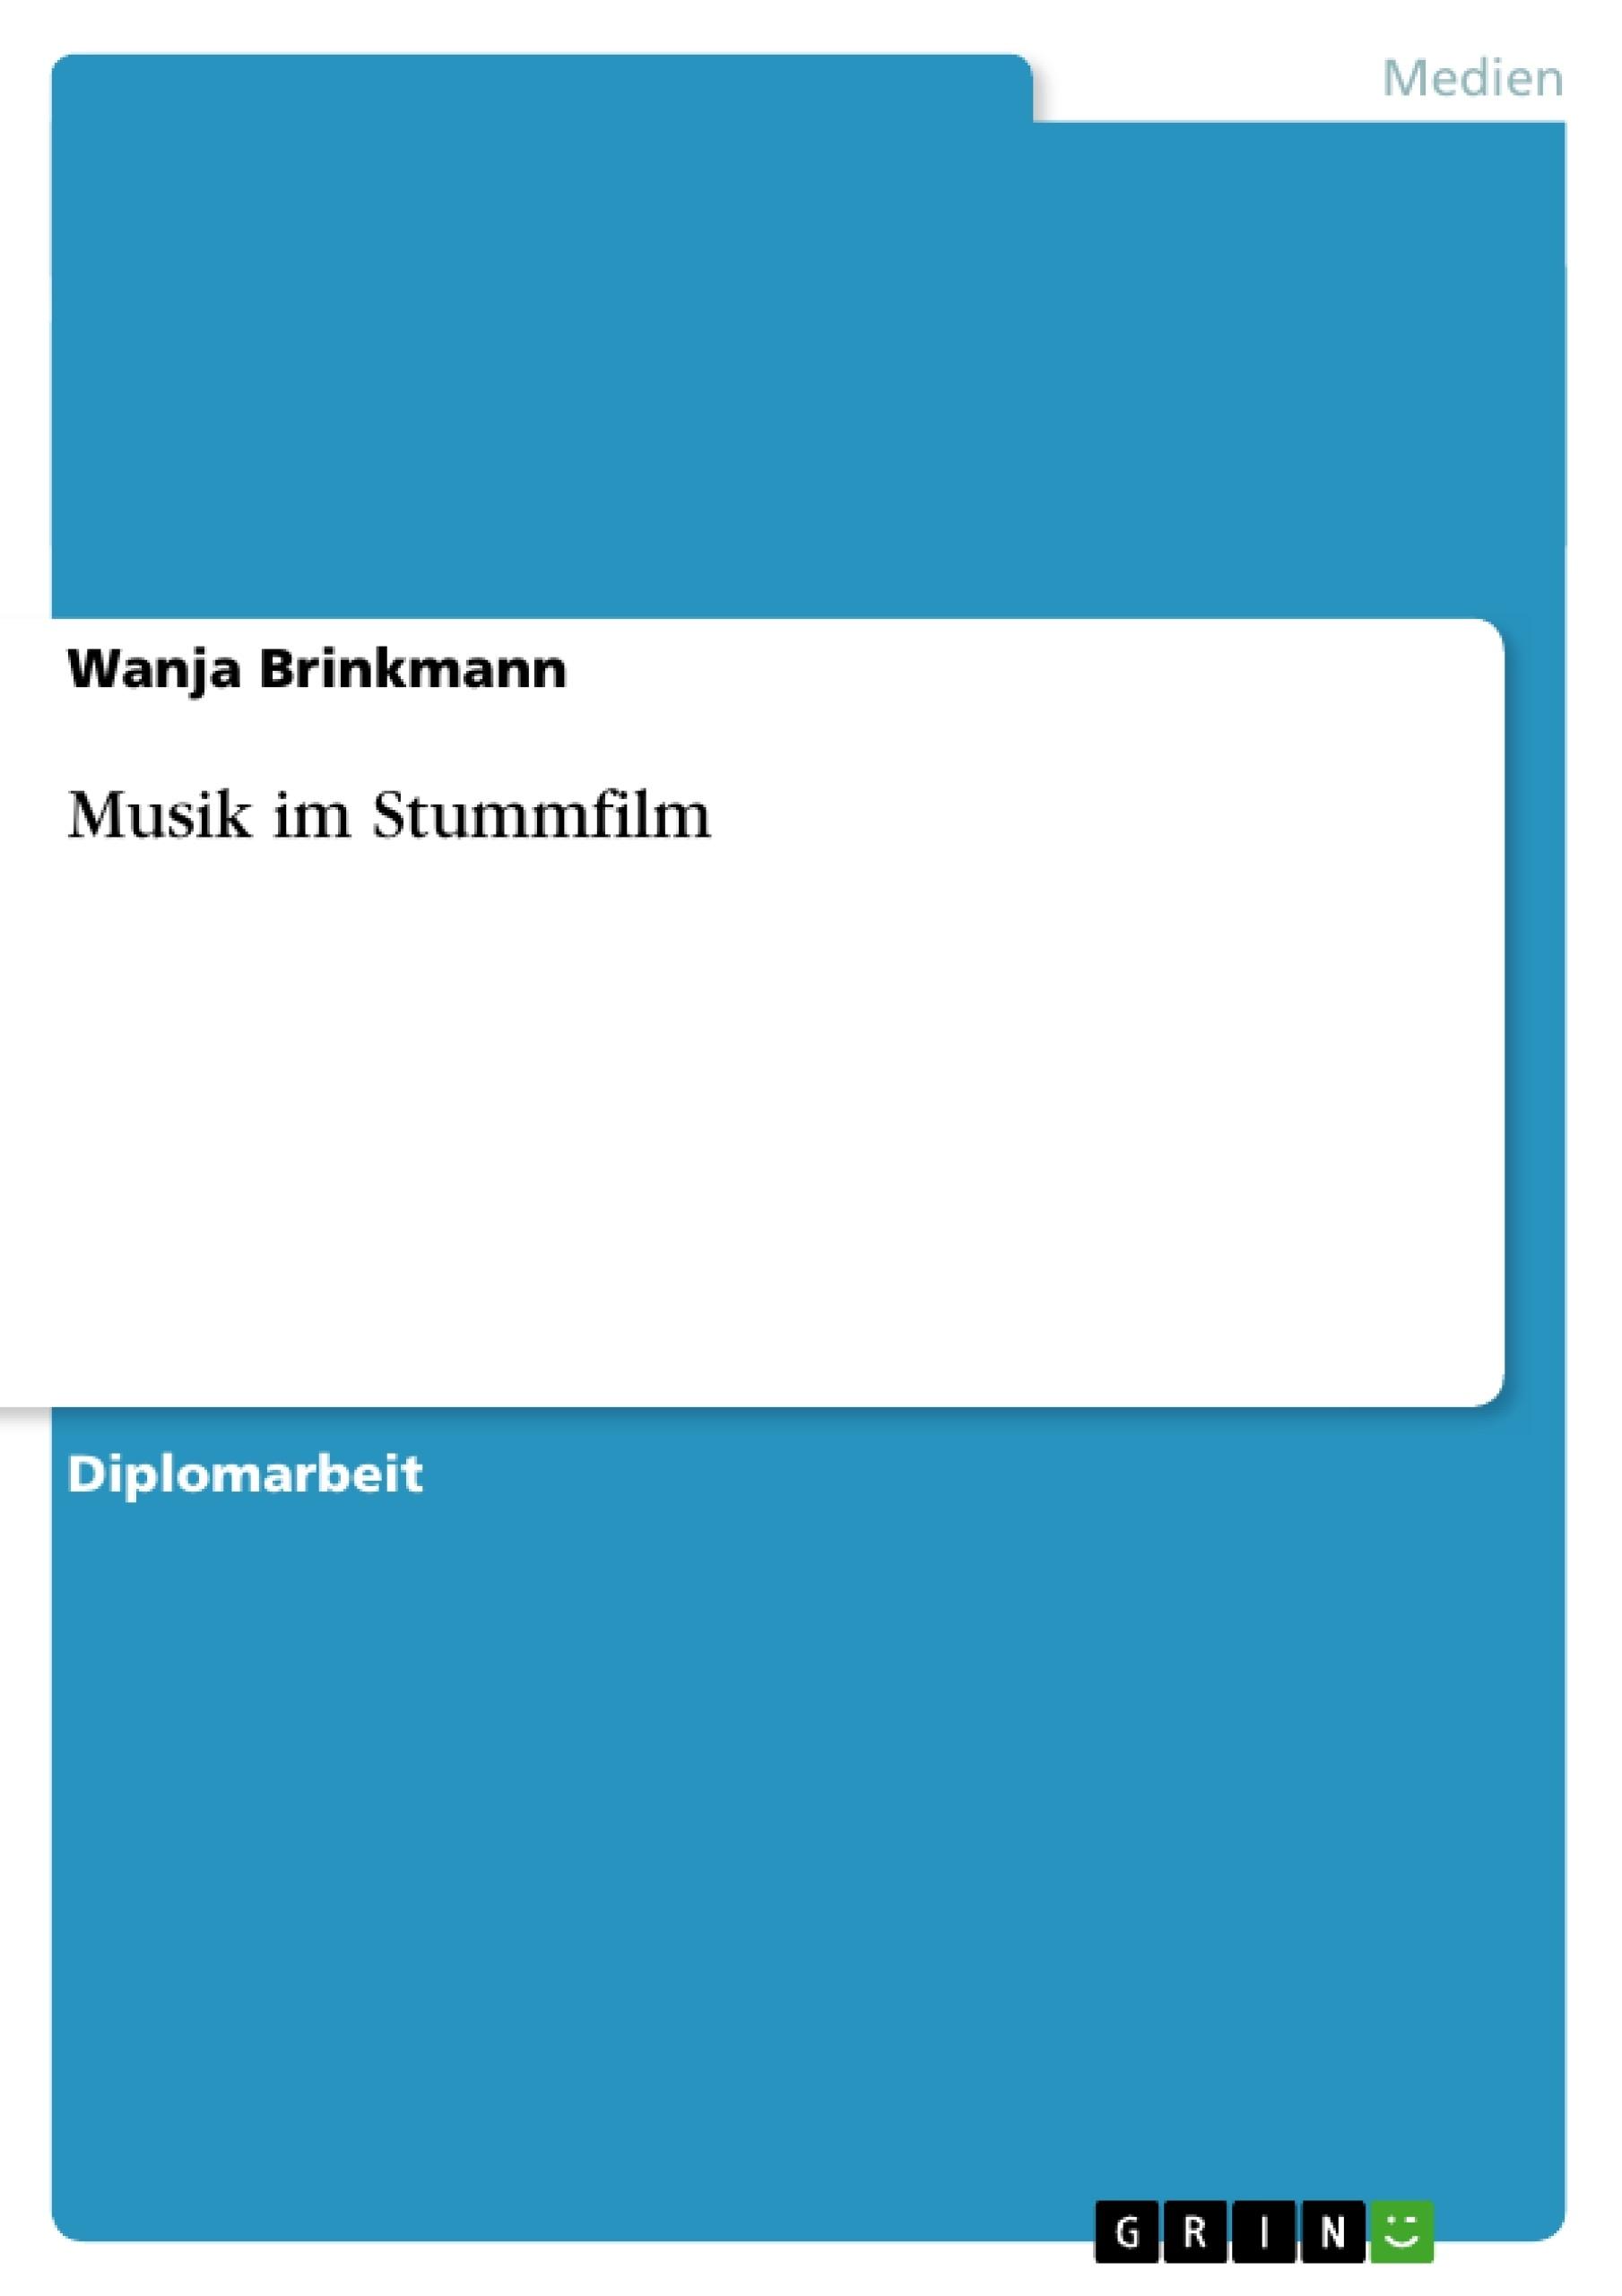 Titel: Musik im Stummfilm